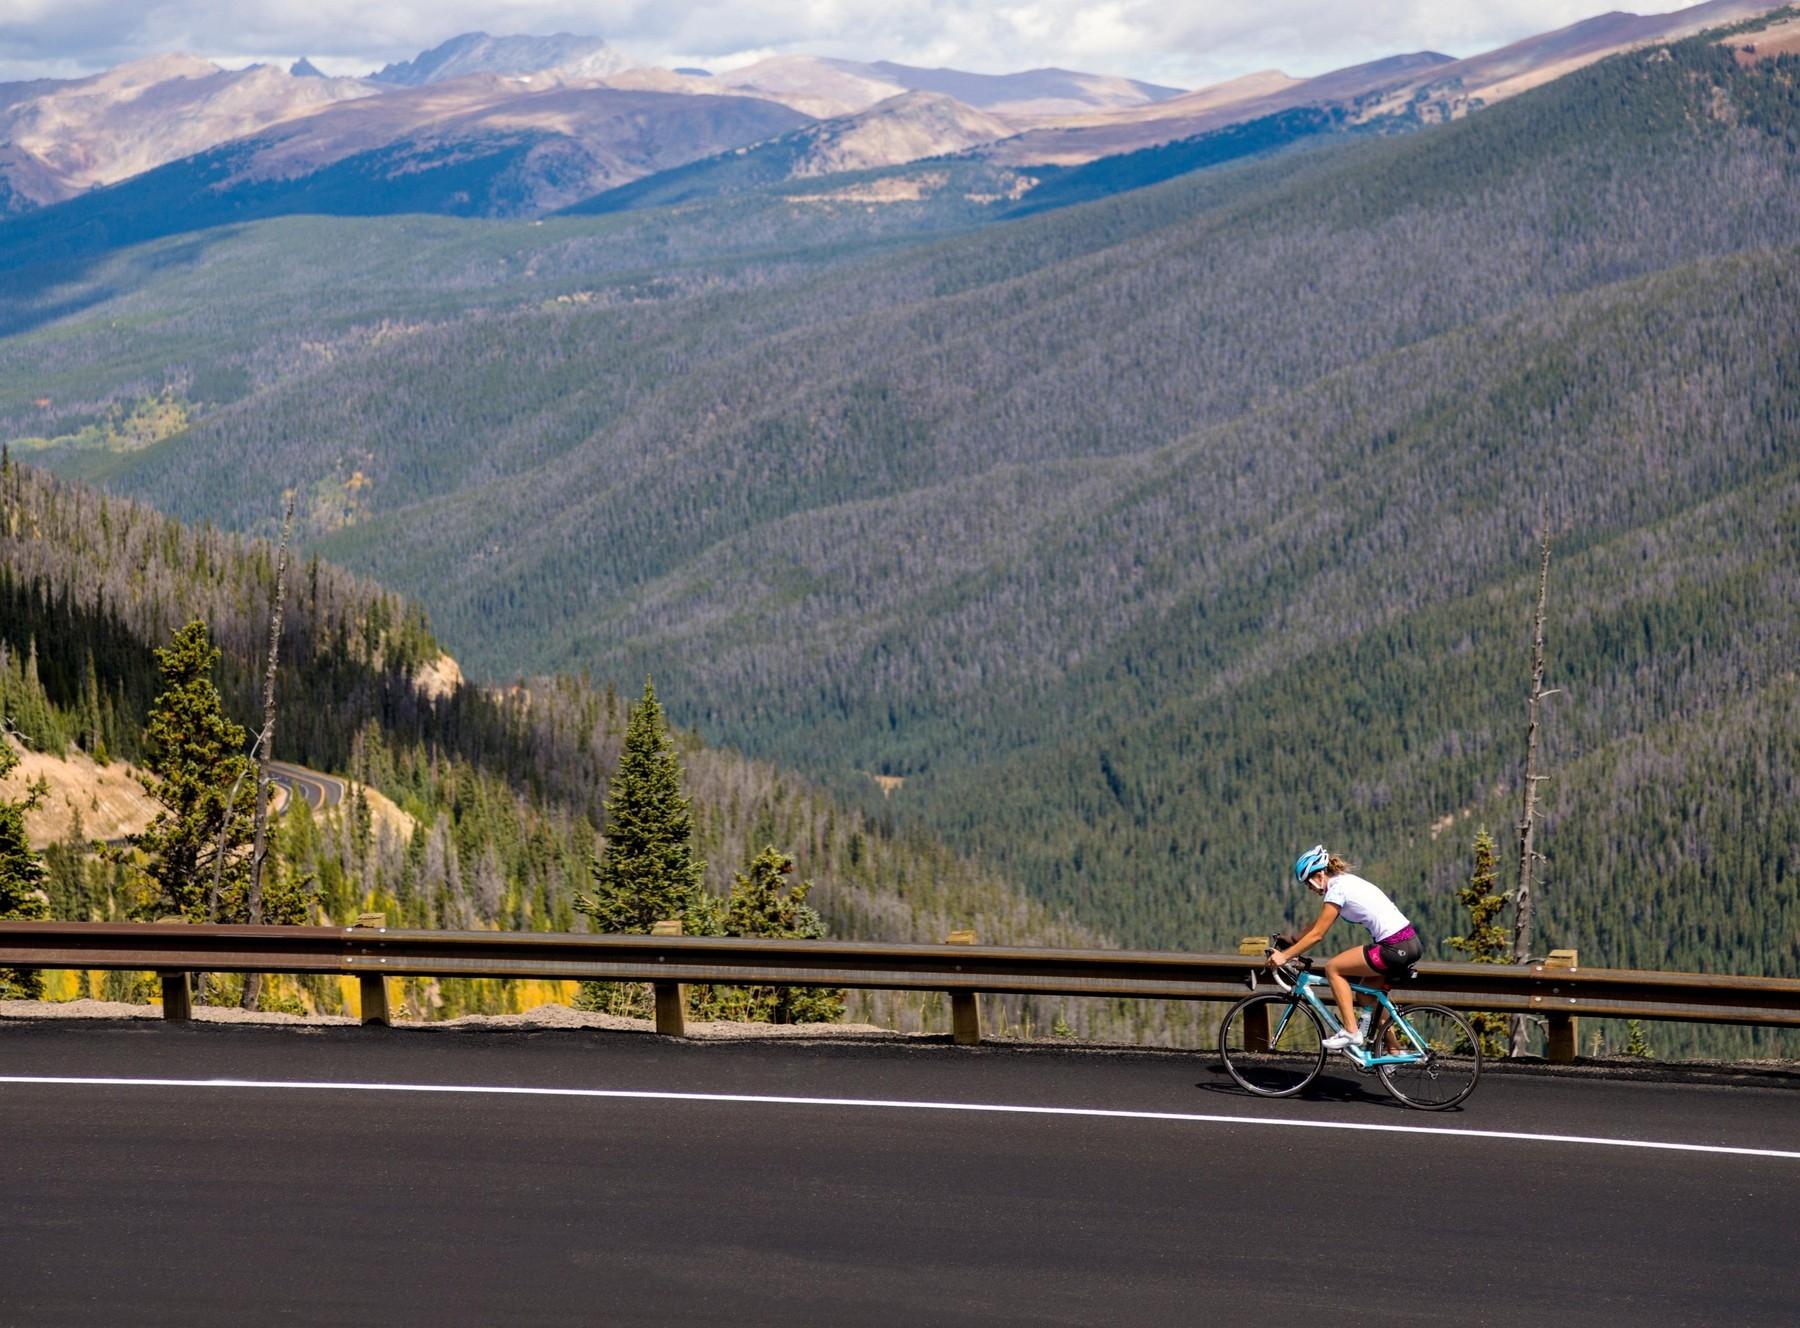 Vydrápat se do hor v sedle kola je vždy náročné. Ale neplatí pravidlo, že vrchařské prémie jsou jen pro diblíky. Foto: profimedia (3x)